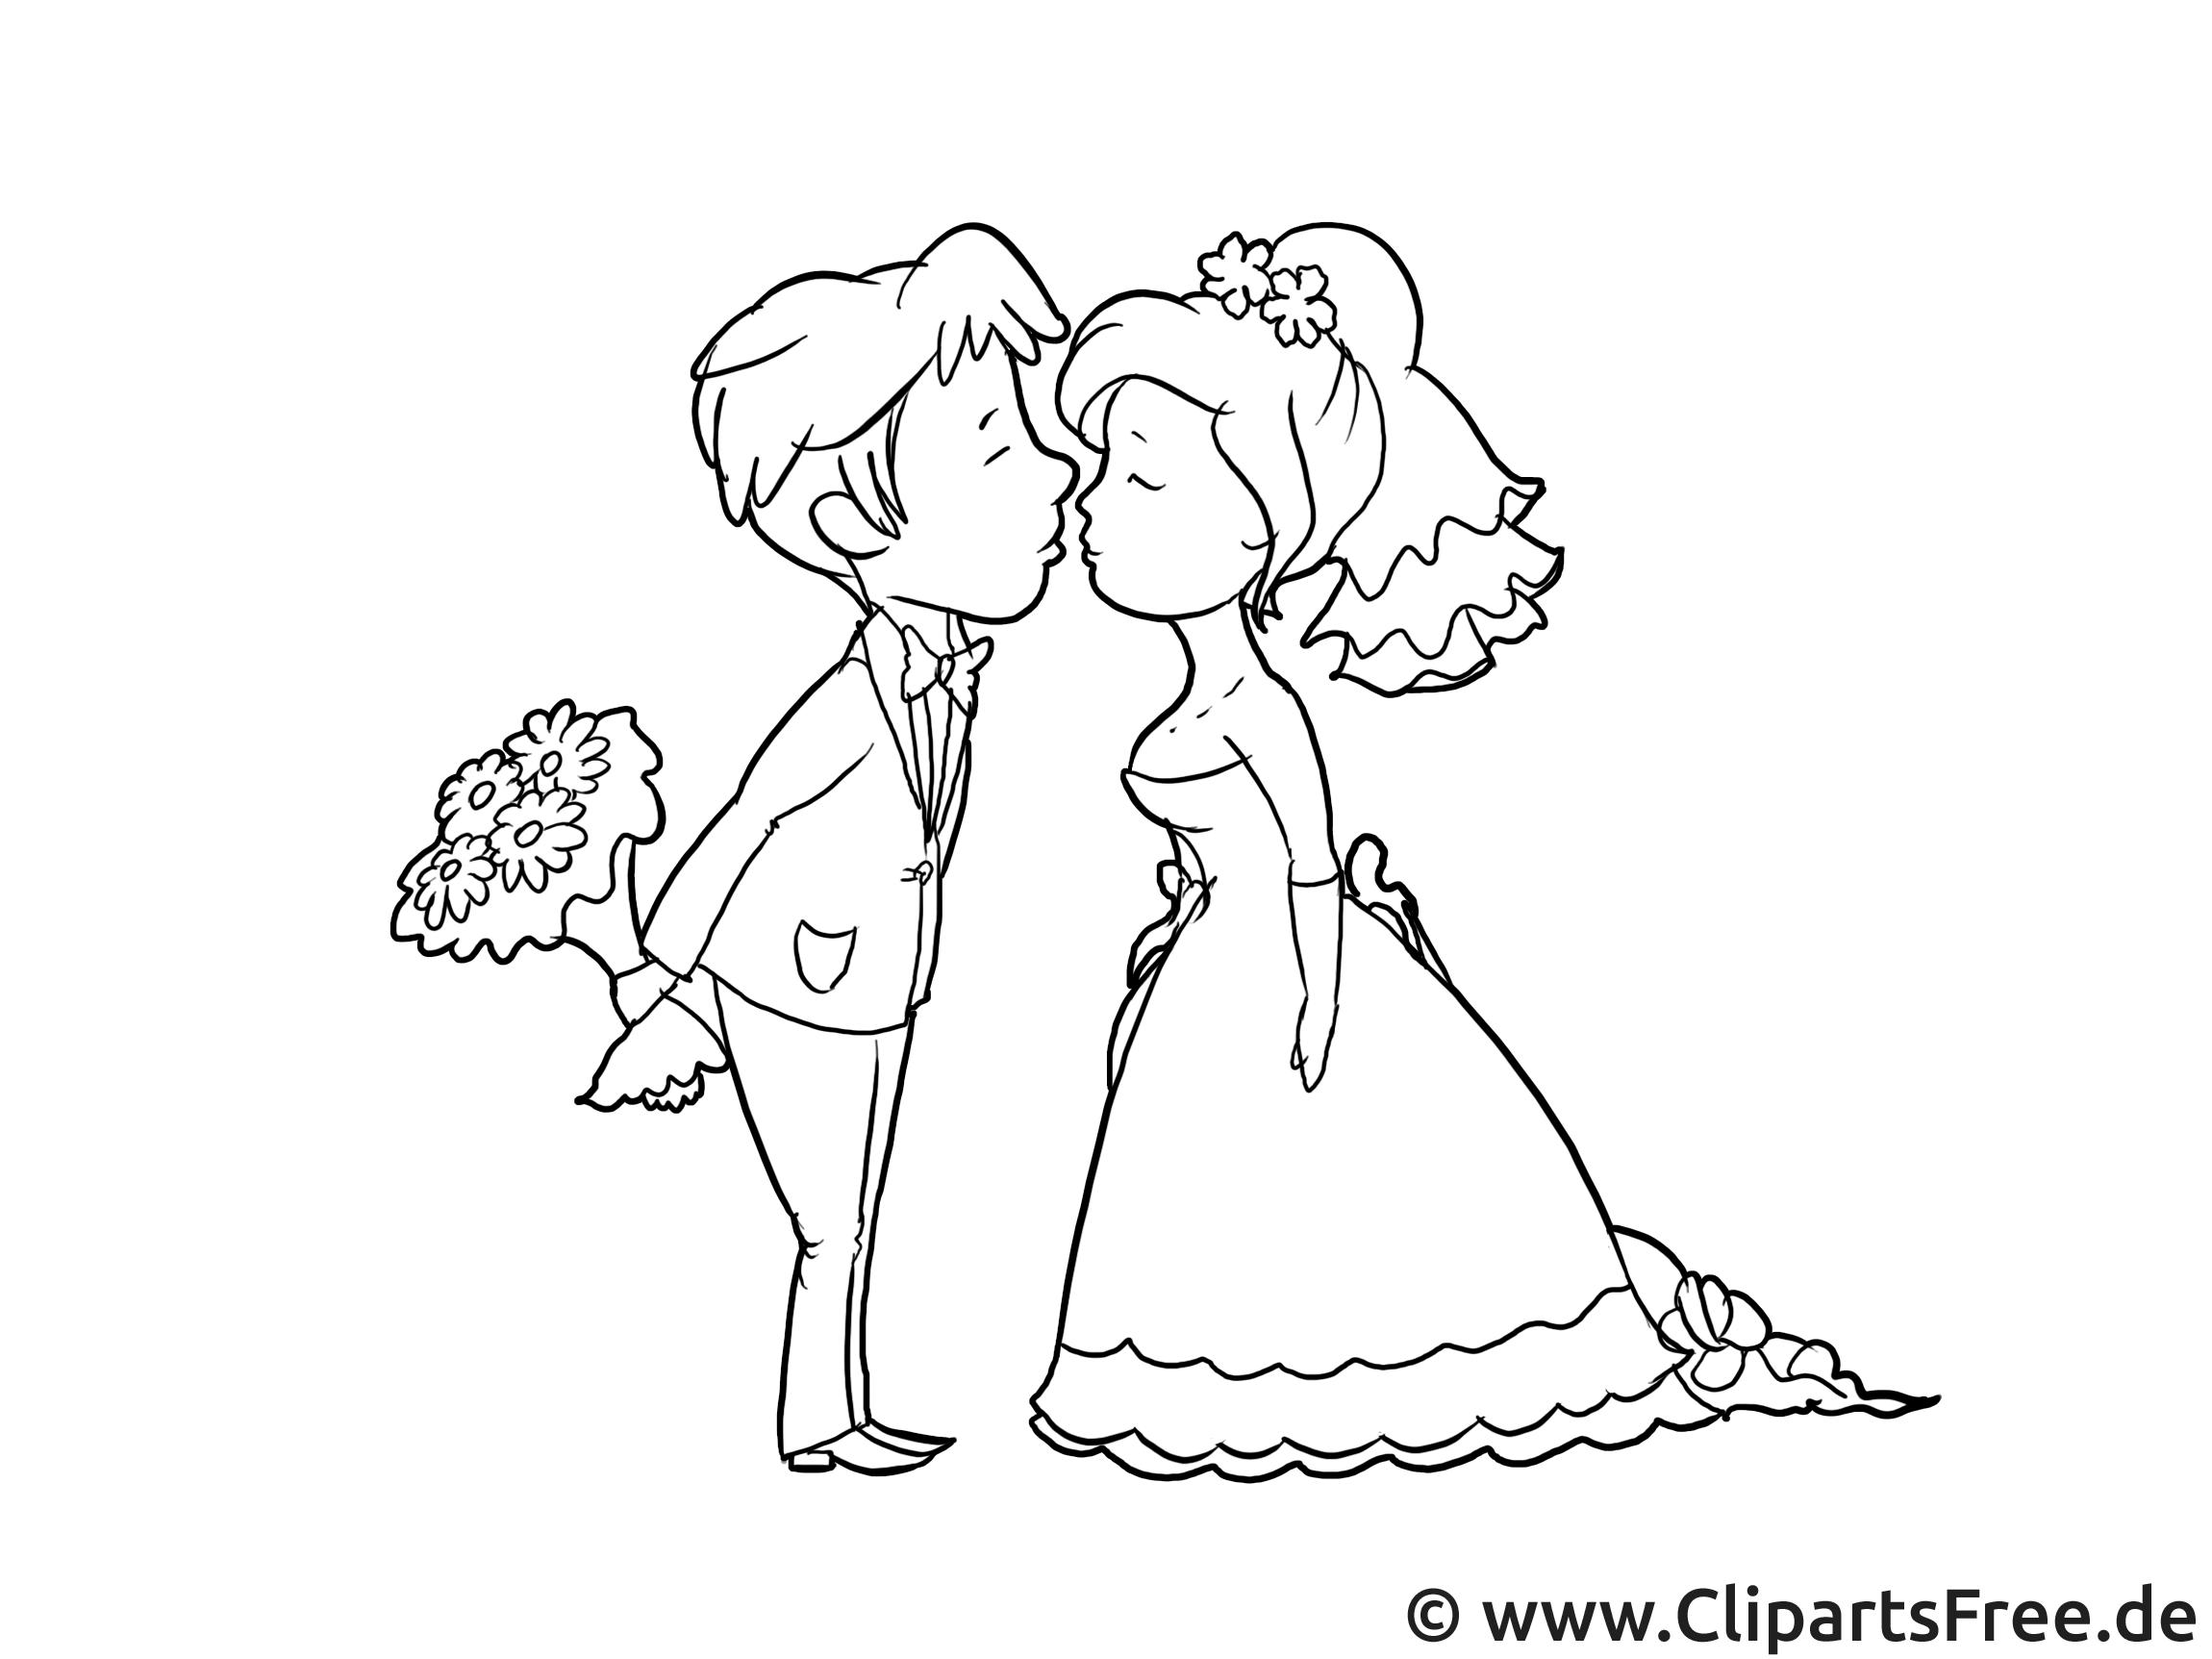 Clipart Brautpaar Zur Hochzeit